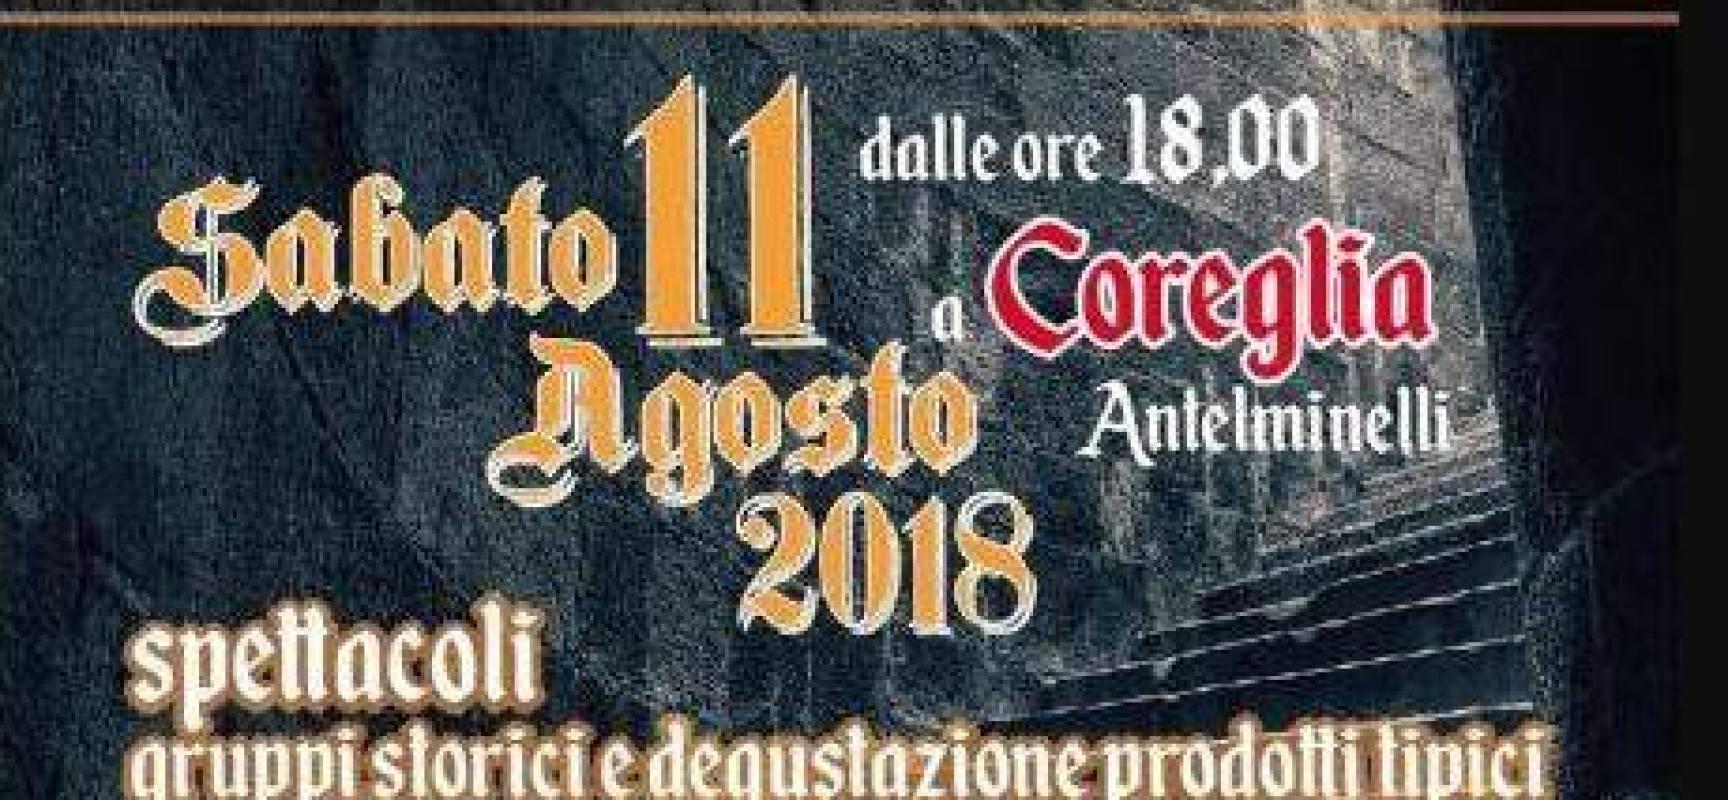 Festa Medievale 2018, a  Coreglia Antelminelli